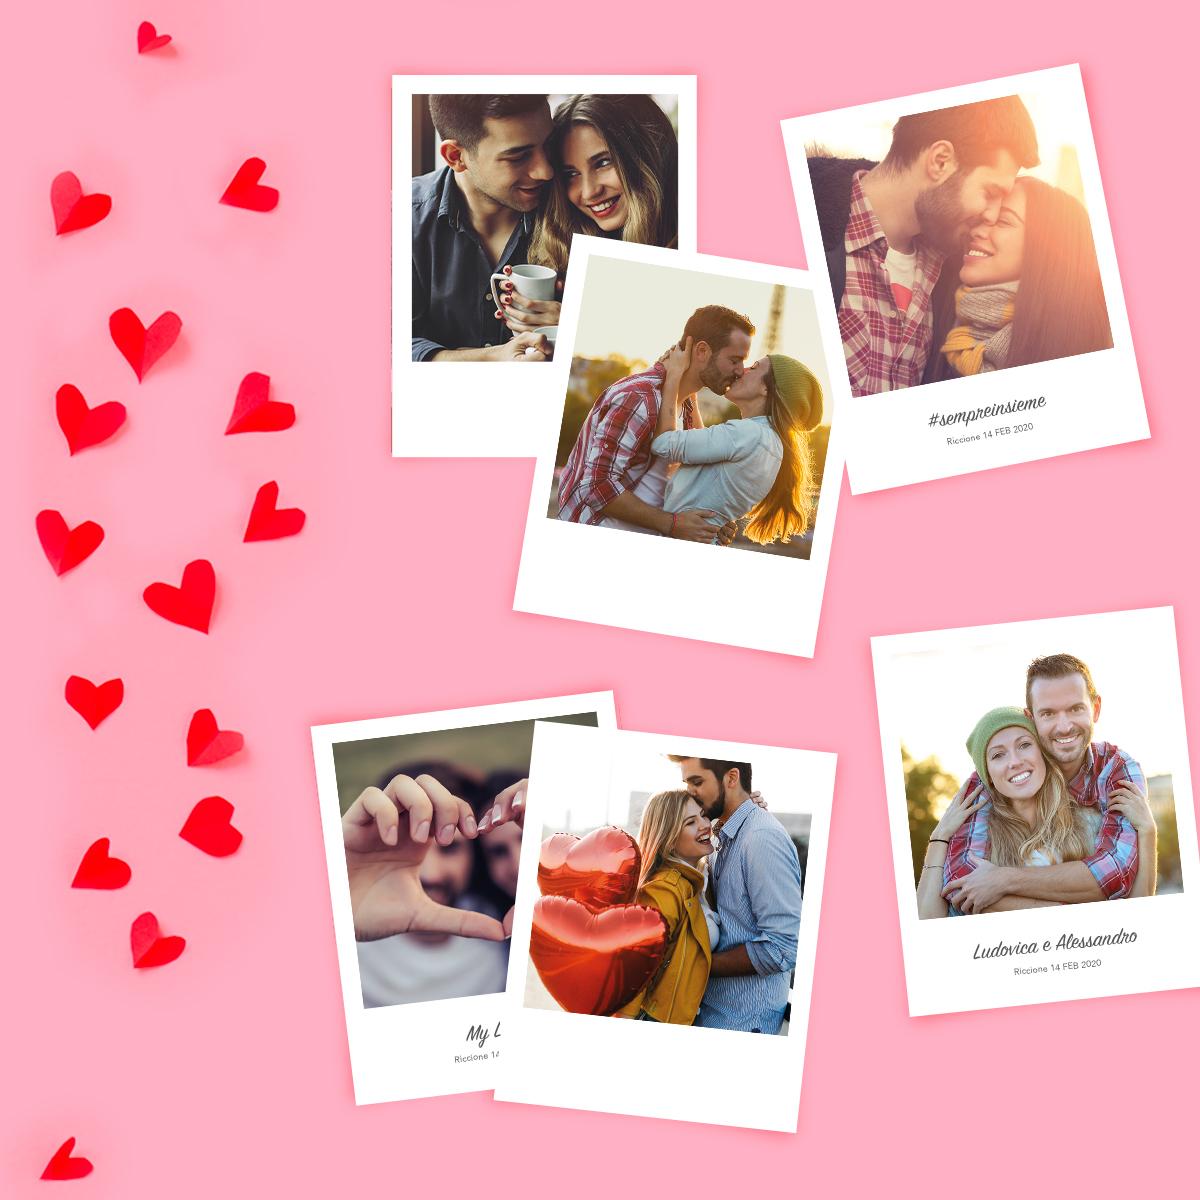 idee regalo_san_valentino_personalizzate_le_migliori_per_stupire_chi_ami_3